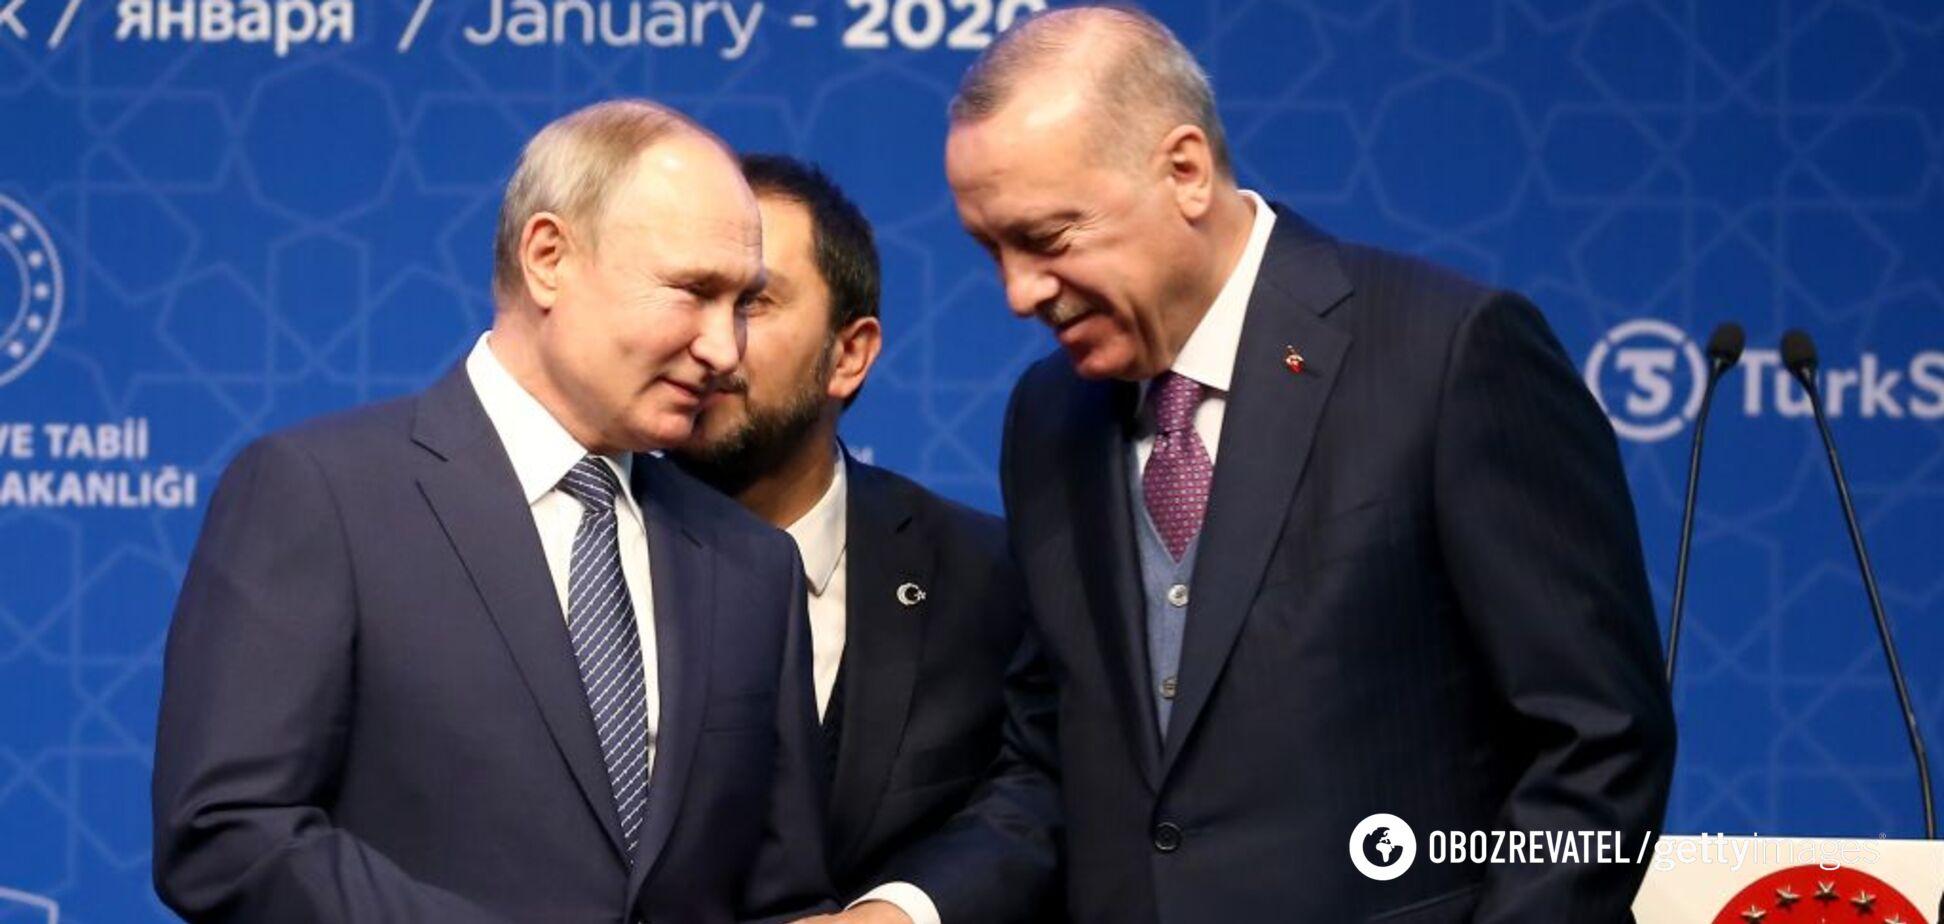 Москва отступила в Сирии, но не на долго, война возобновится